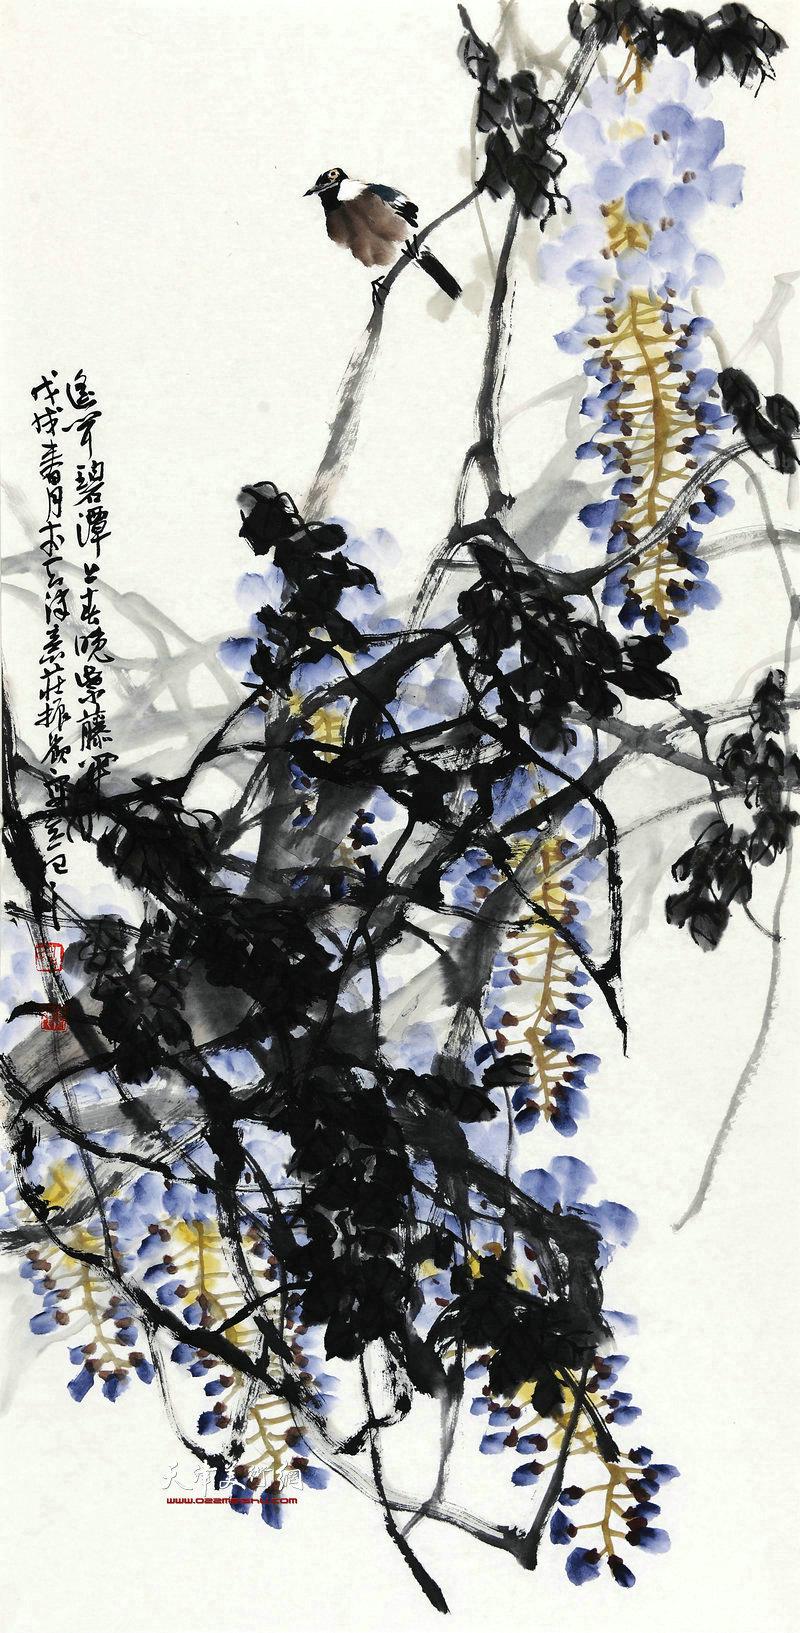 史振岭-春晖68x138cm